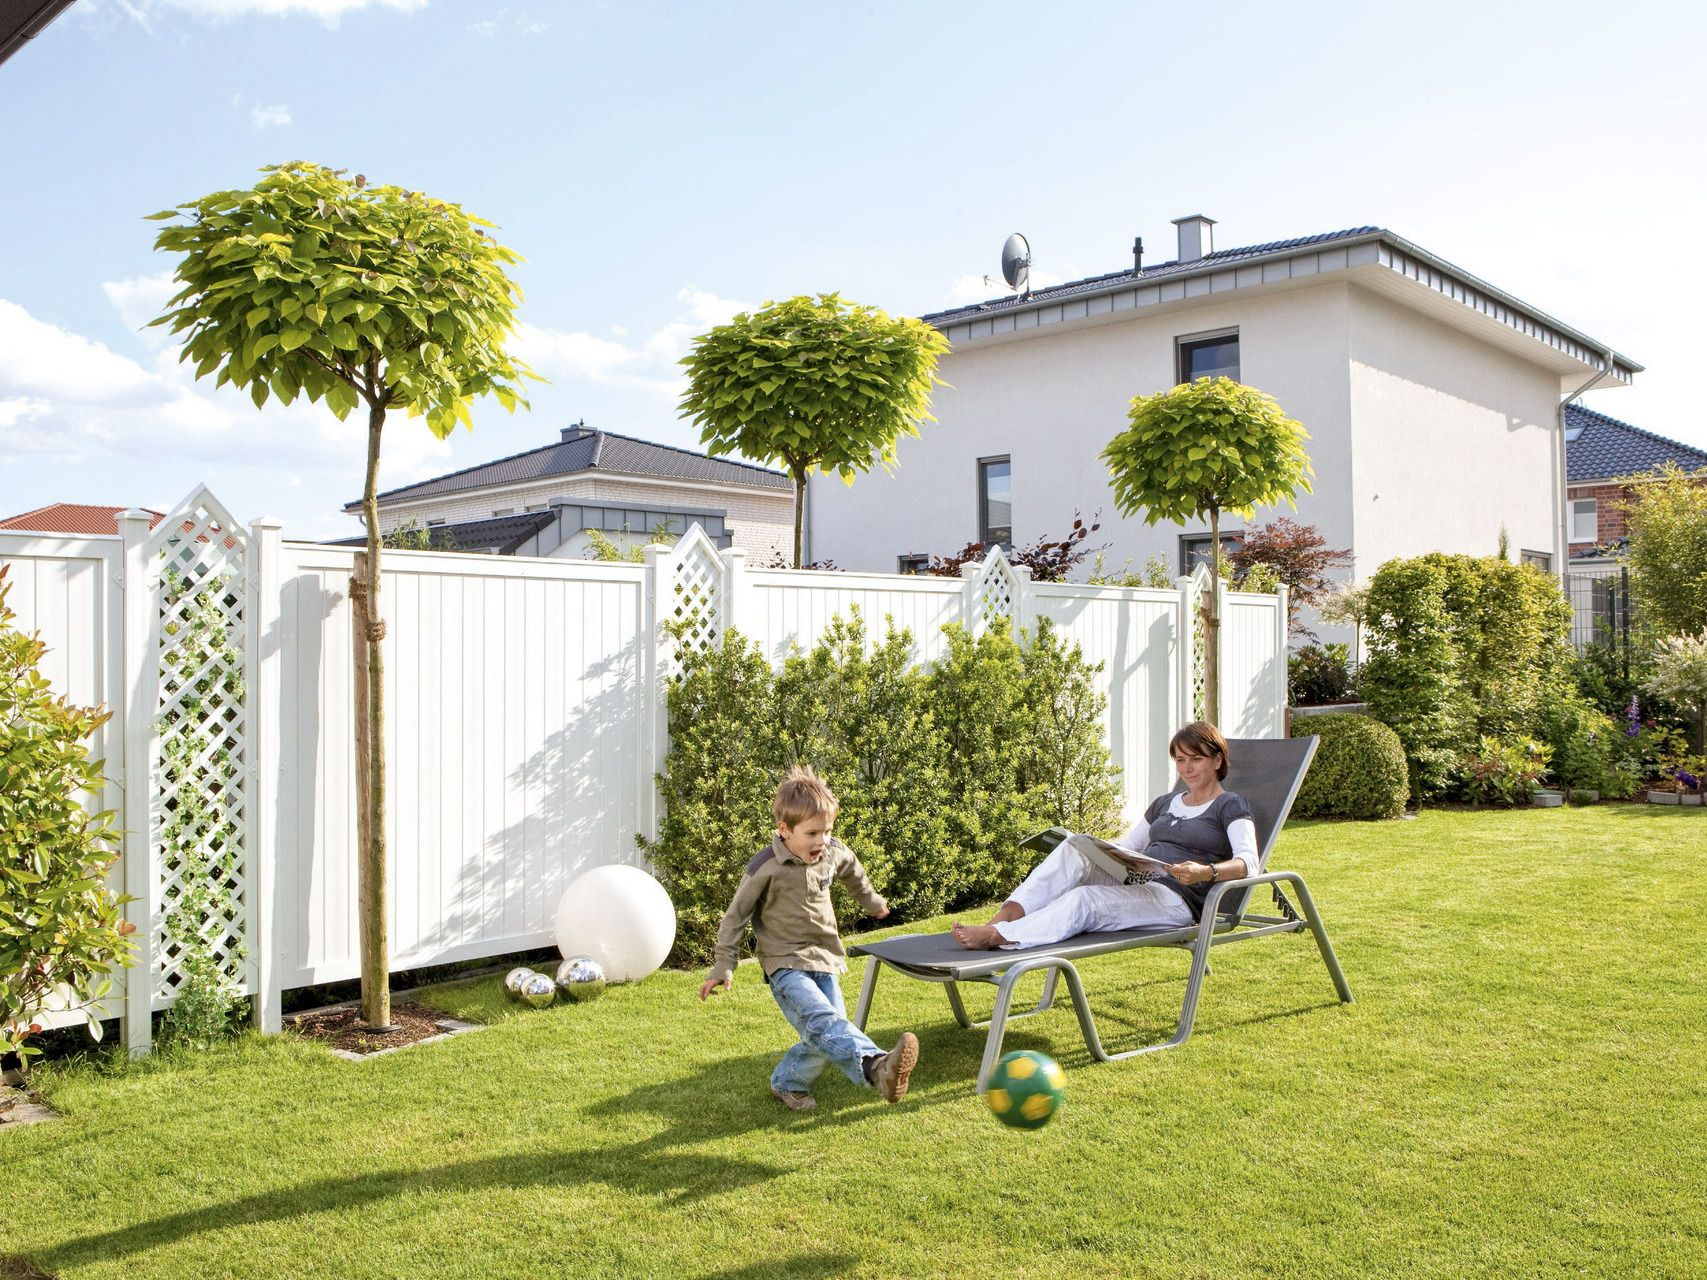 Ob Baum Oder Anbau Die Nachbarn Entscheiden Mit Bauemotionde